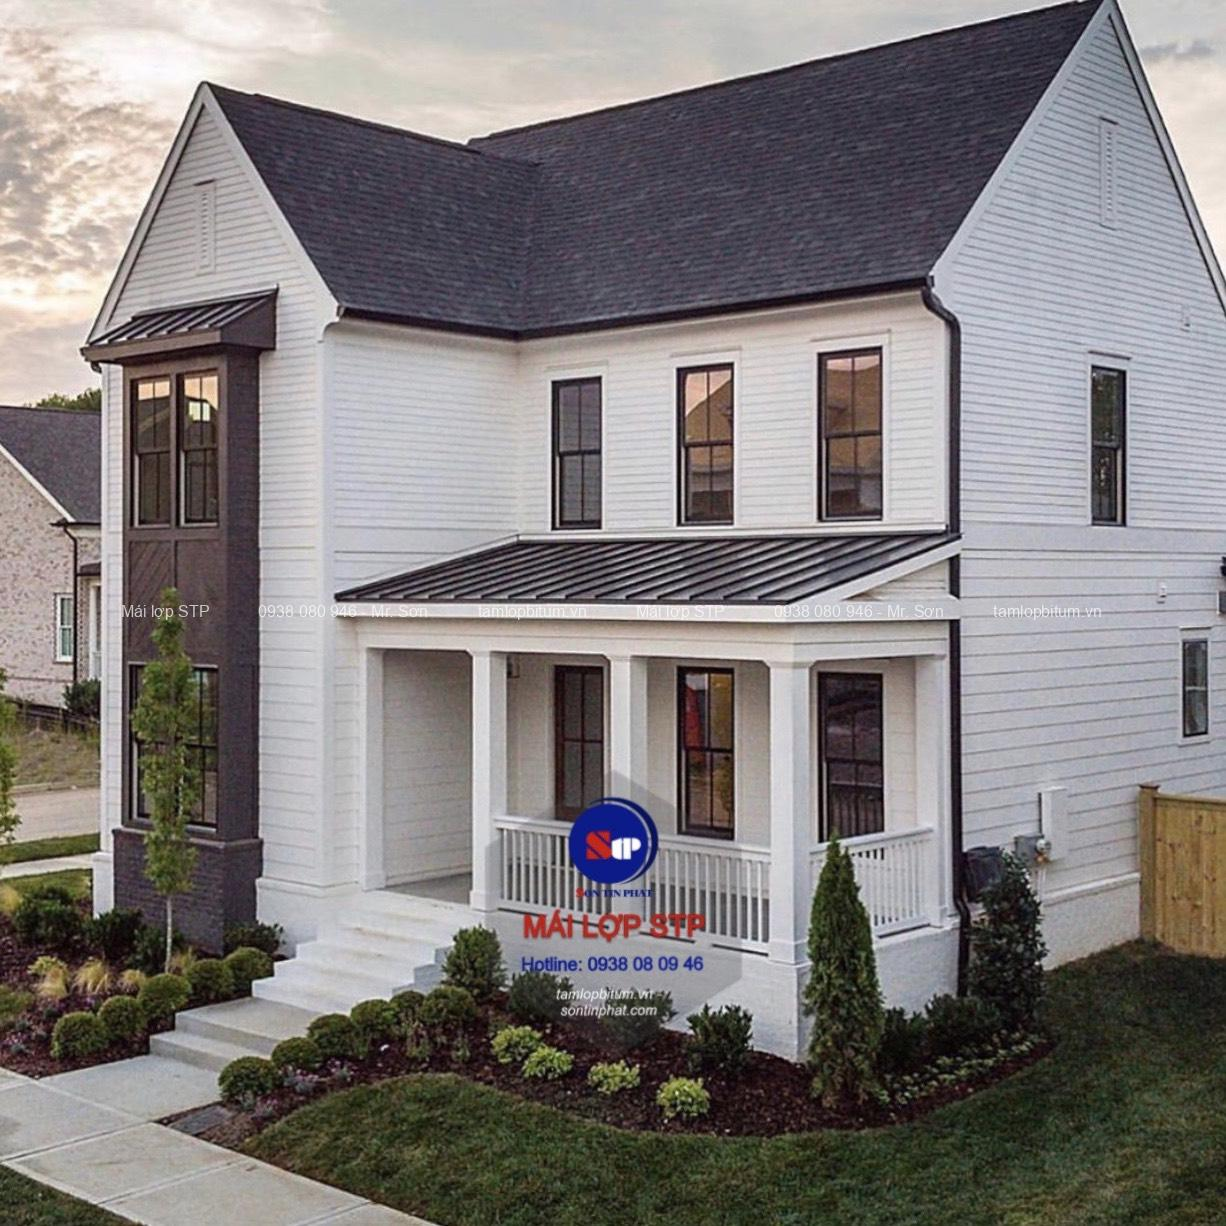 Nhà ở hiện đại sử dụng tấm lợp đá ép